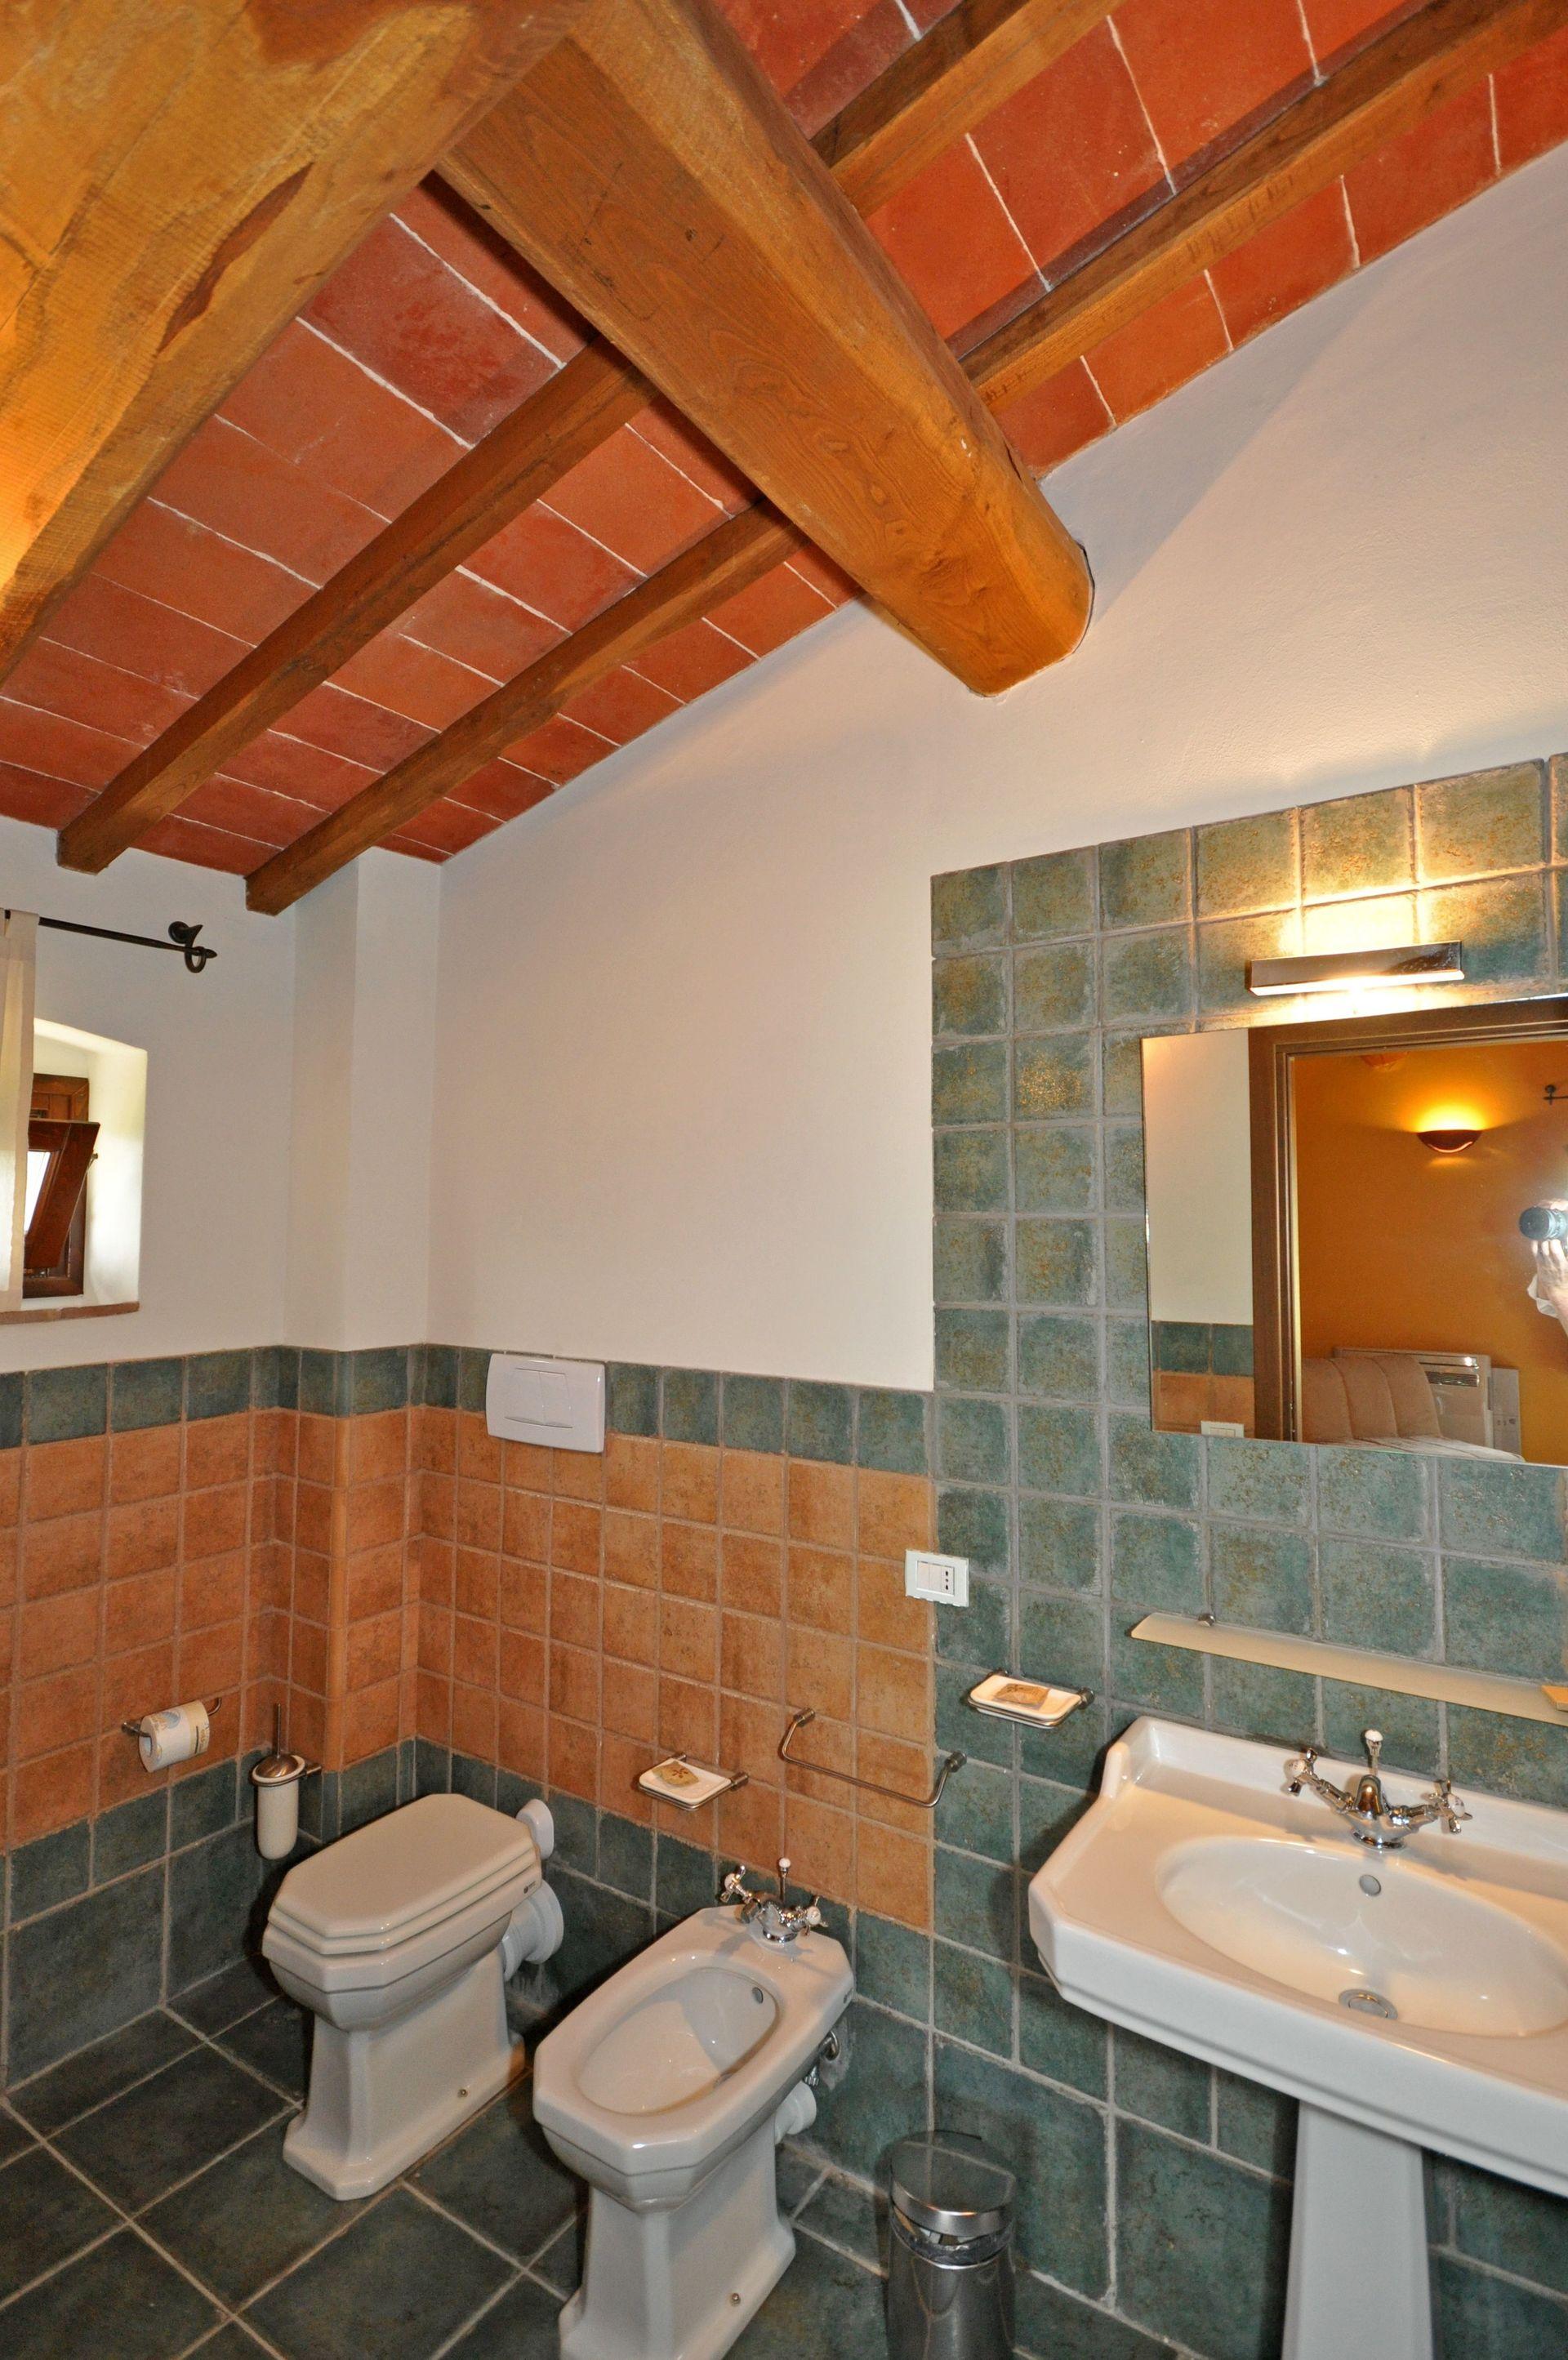 Istrice posti letto 6 in 3 camere casa vacanza a for Branson cabin rentals 4 camere da letto